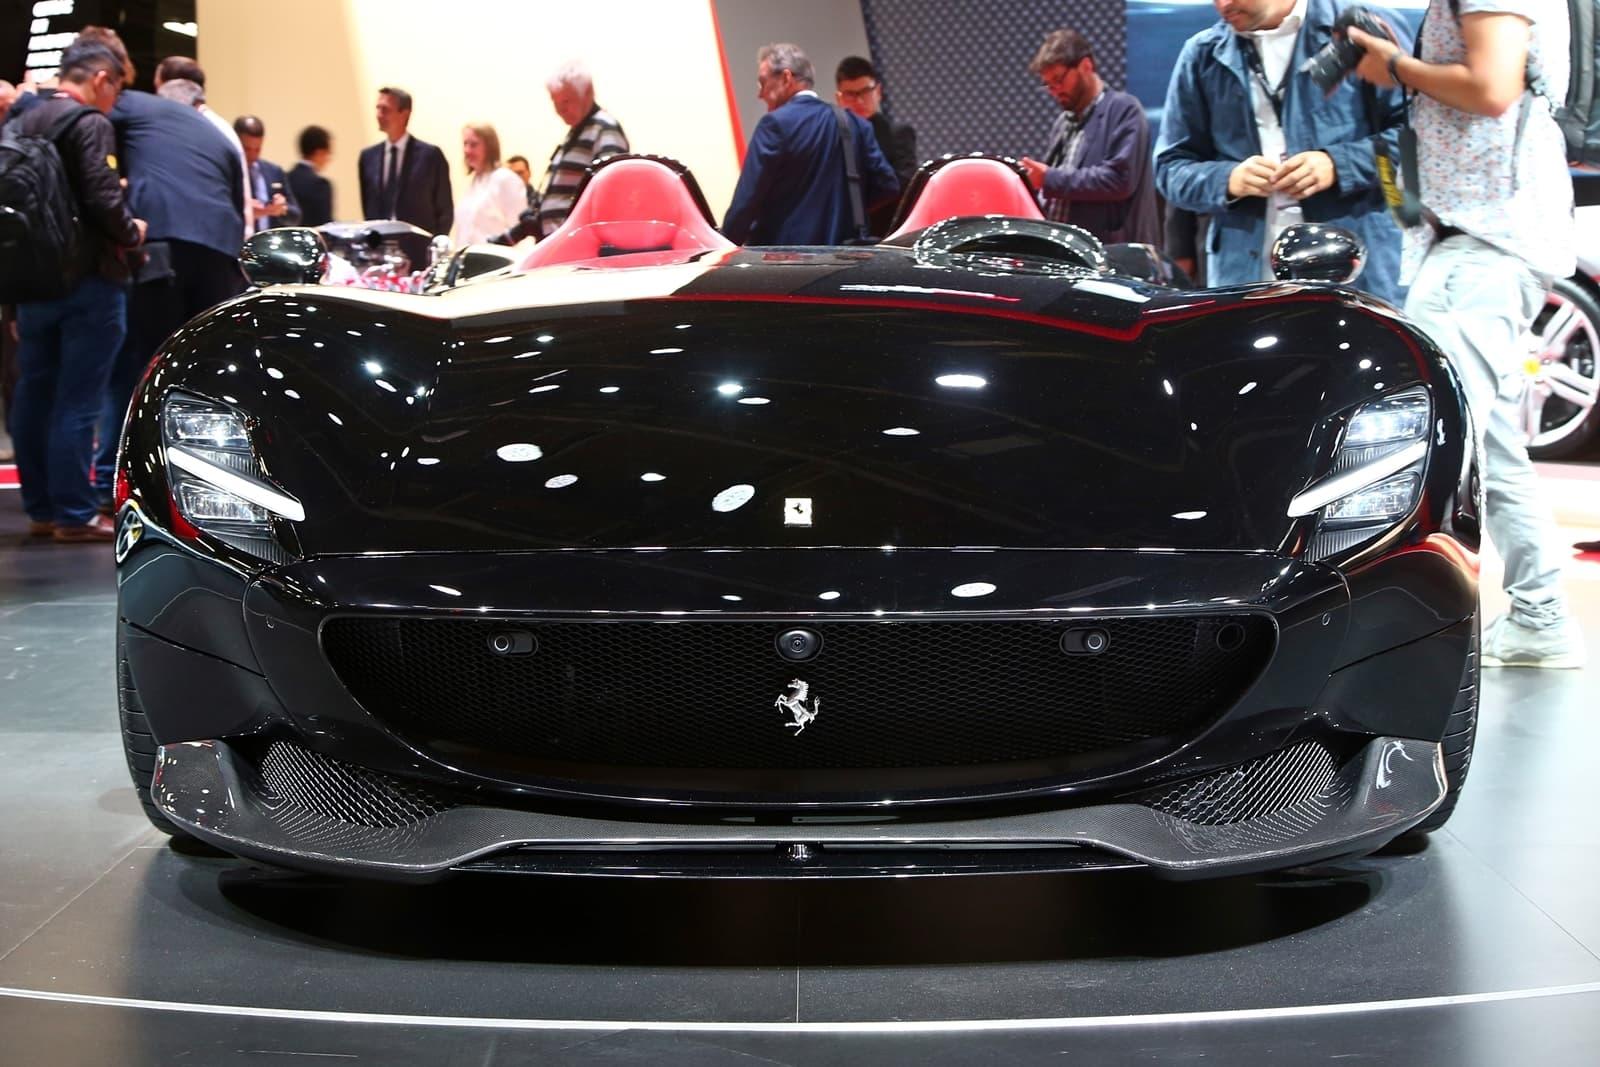 Ferrari Monza Sp1 Sp2 Paris 1018 008